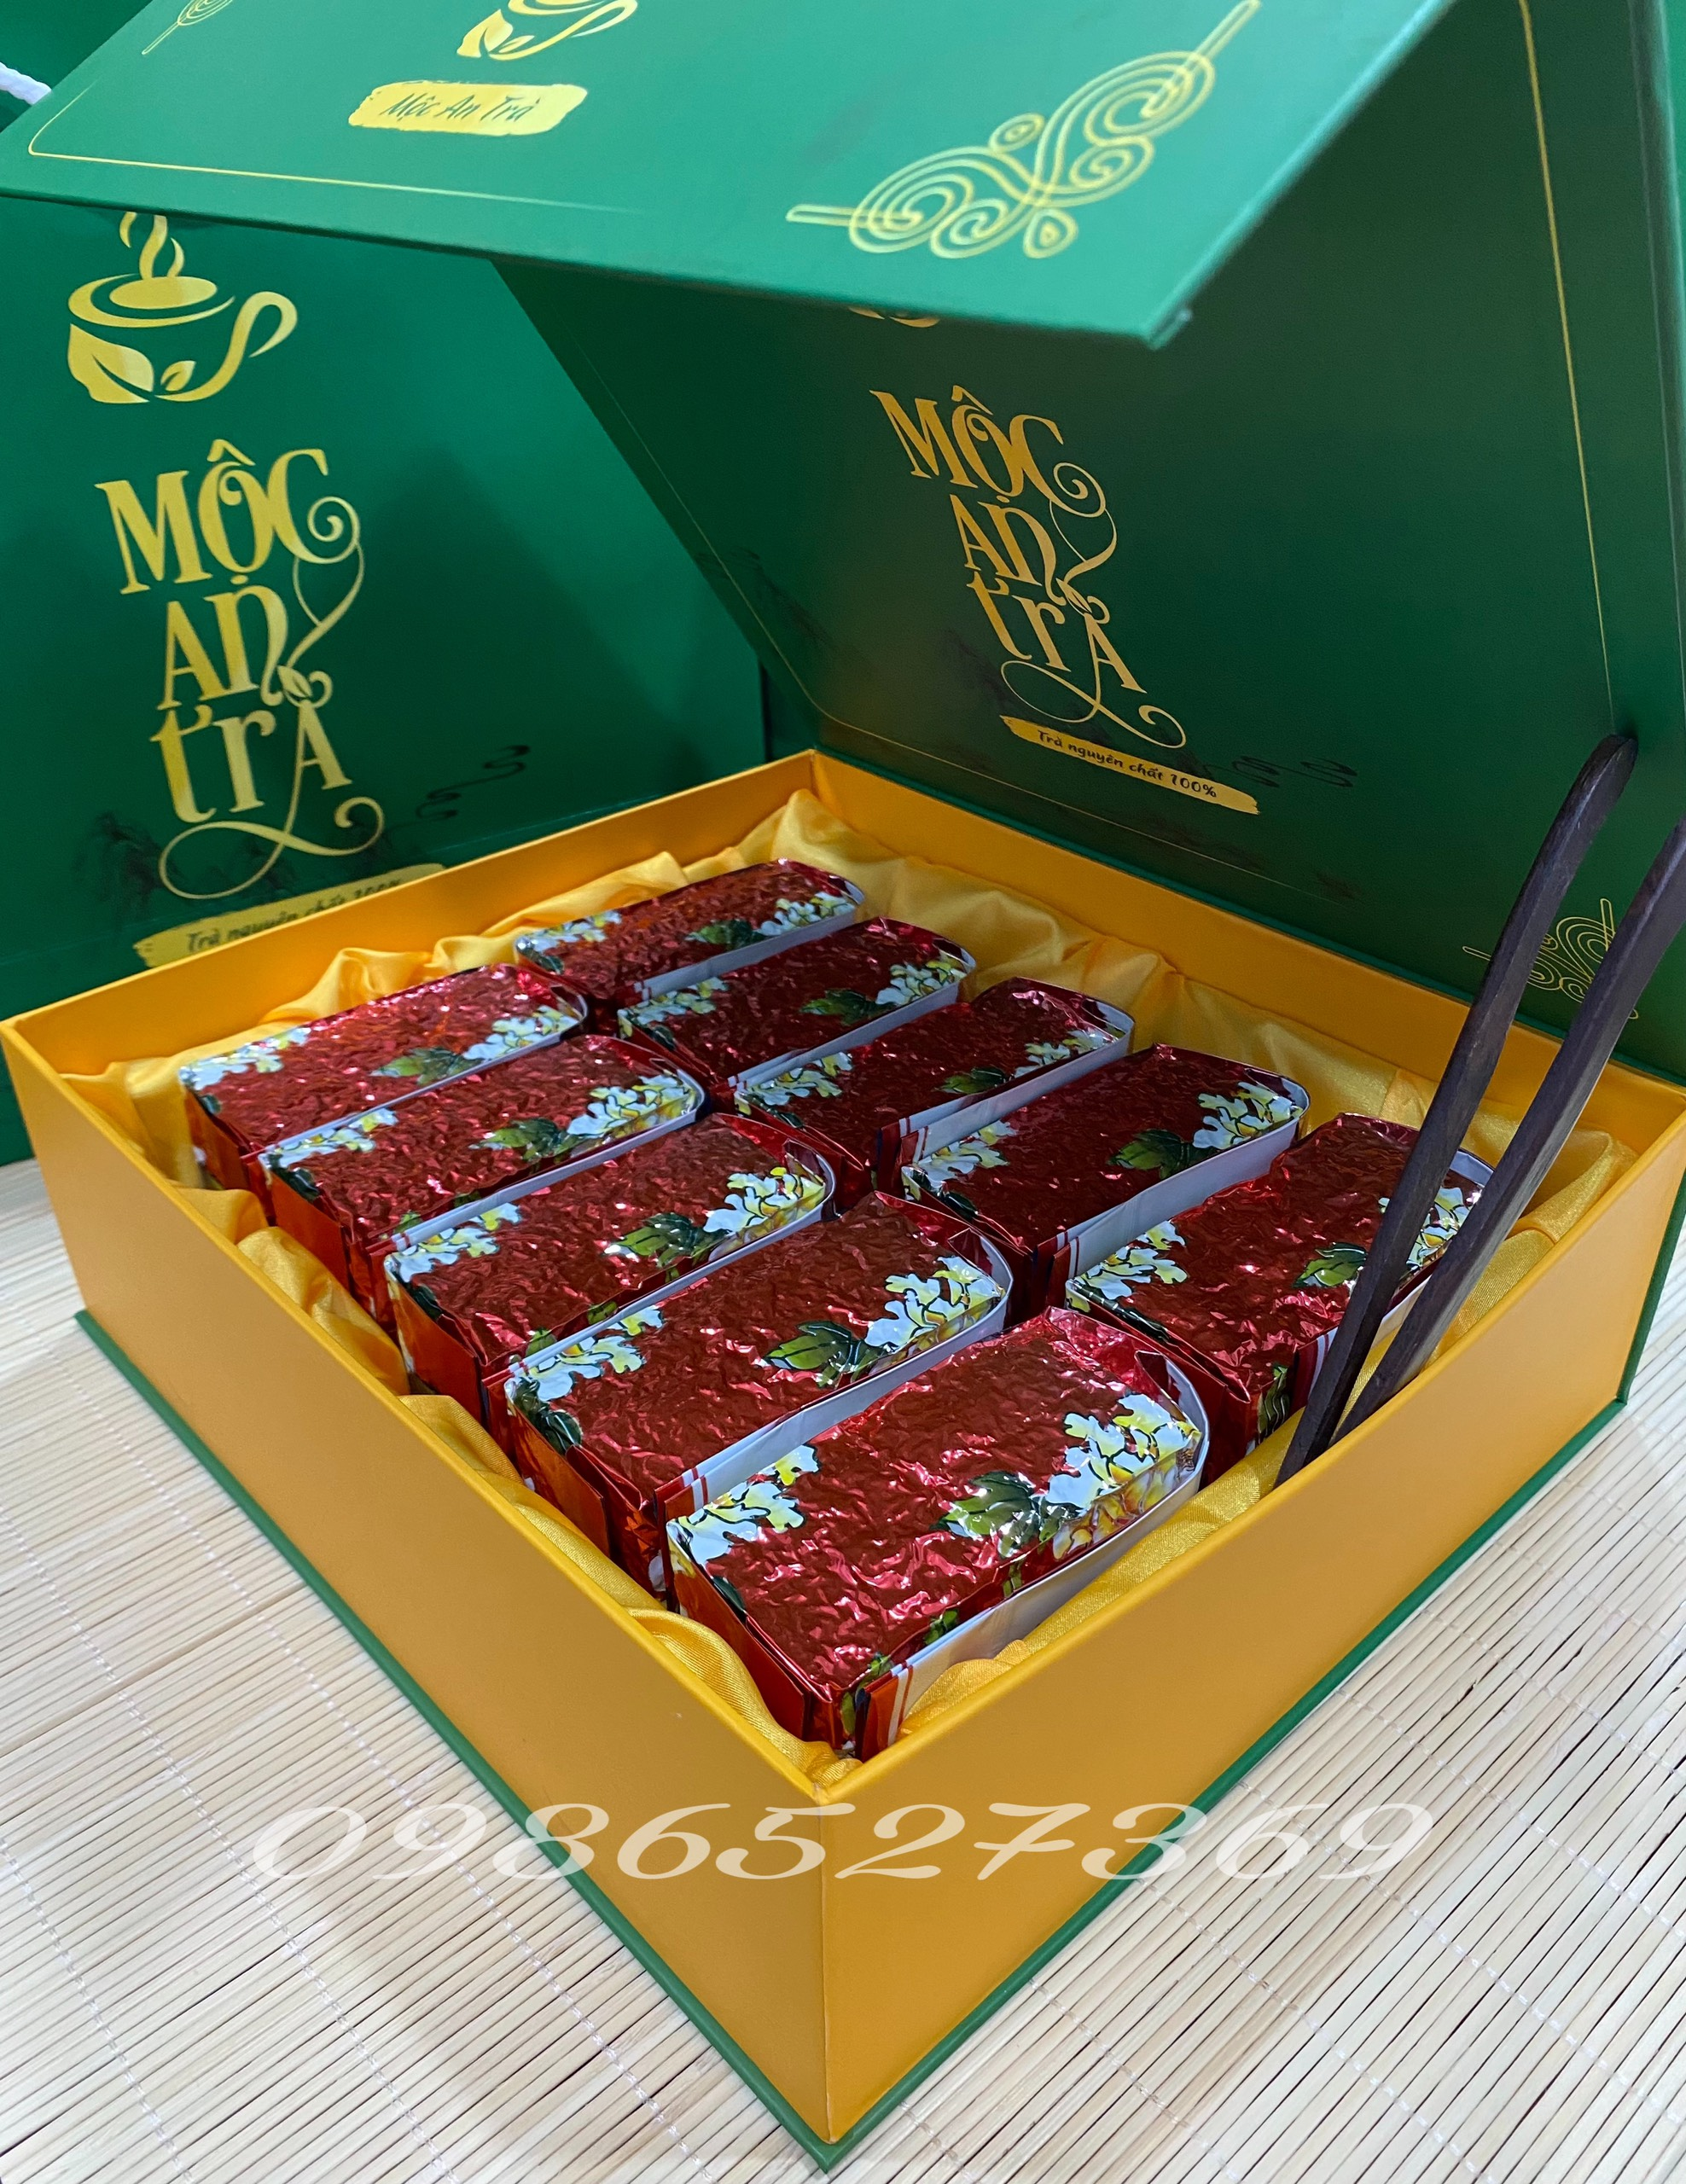 Trà (Chè) Đinh Ngọc Tân Cương Thái Nguyên Hộp 1kg